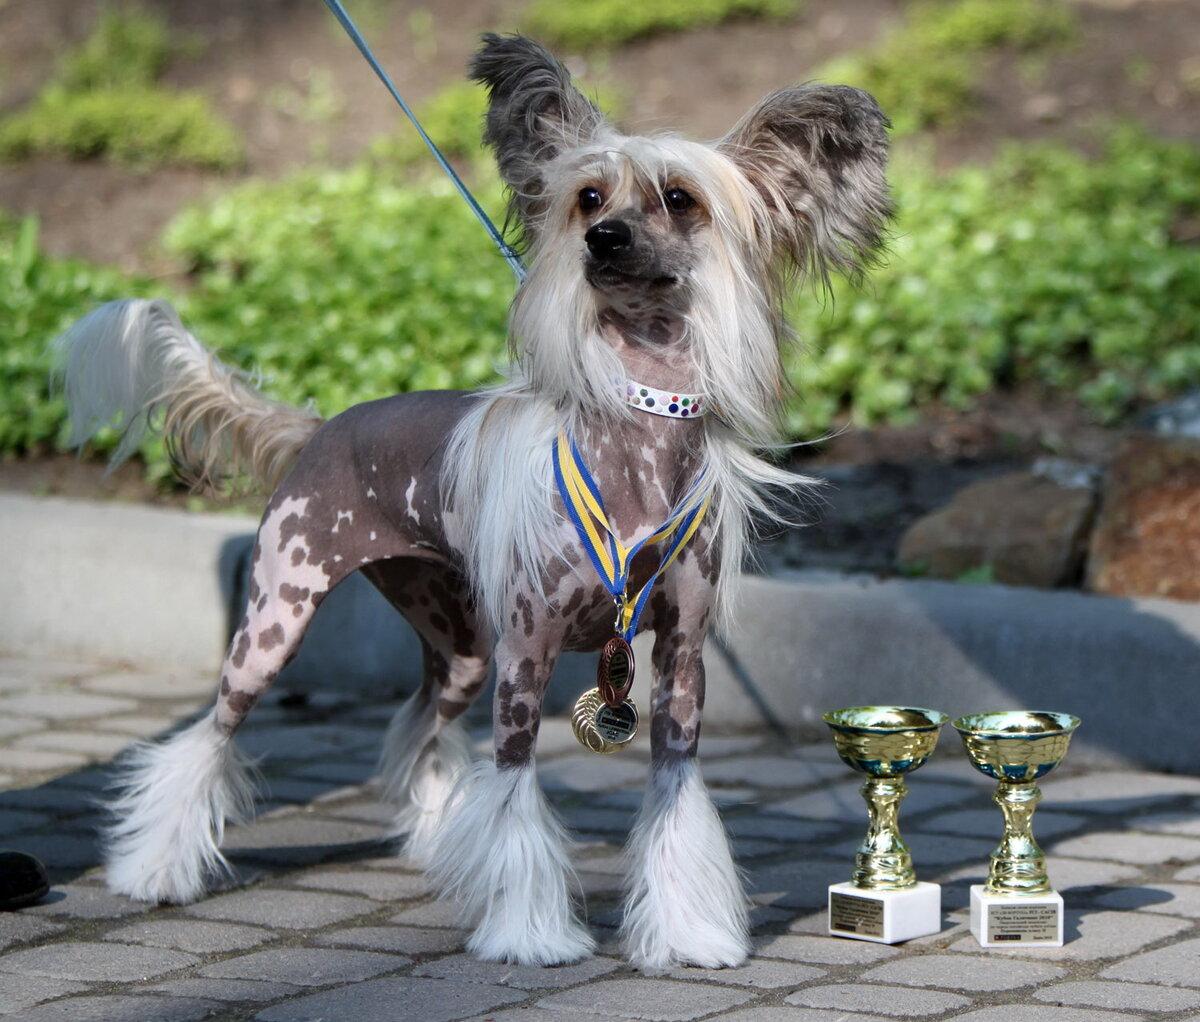 этого самые редкие собаки в мире фото с названиями первым сказаниям